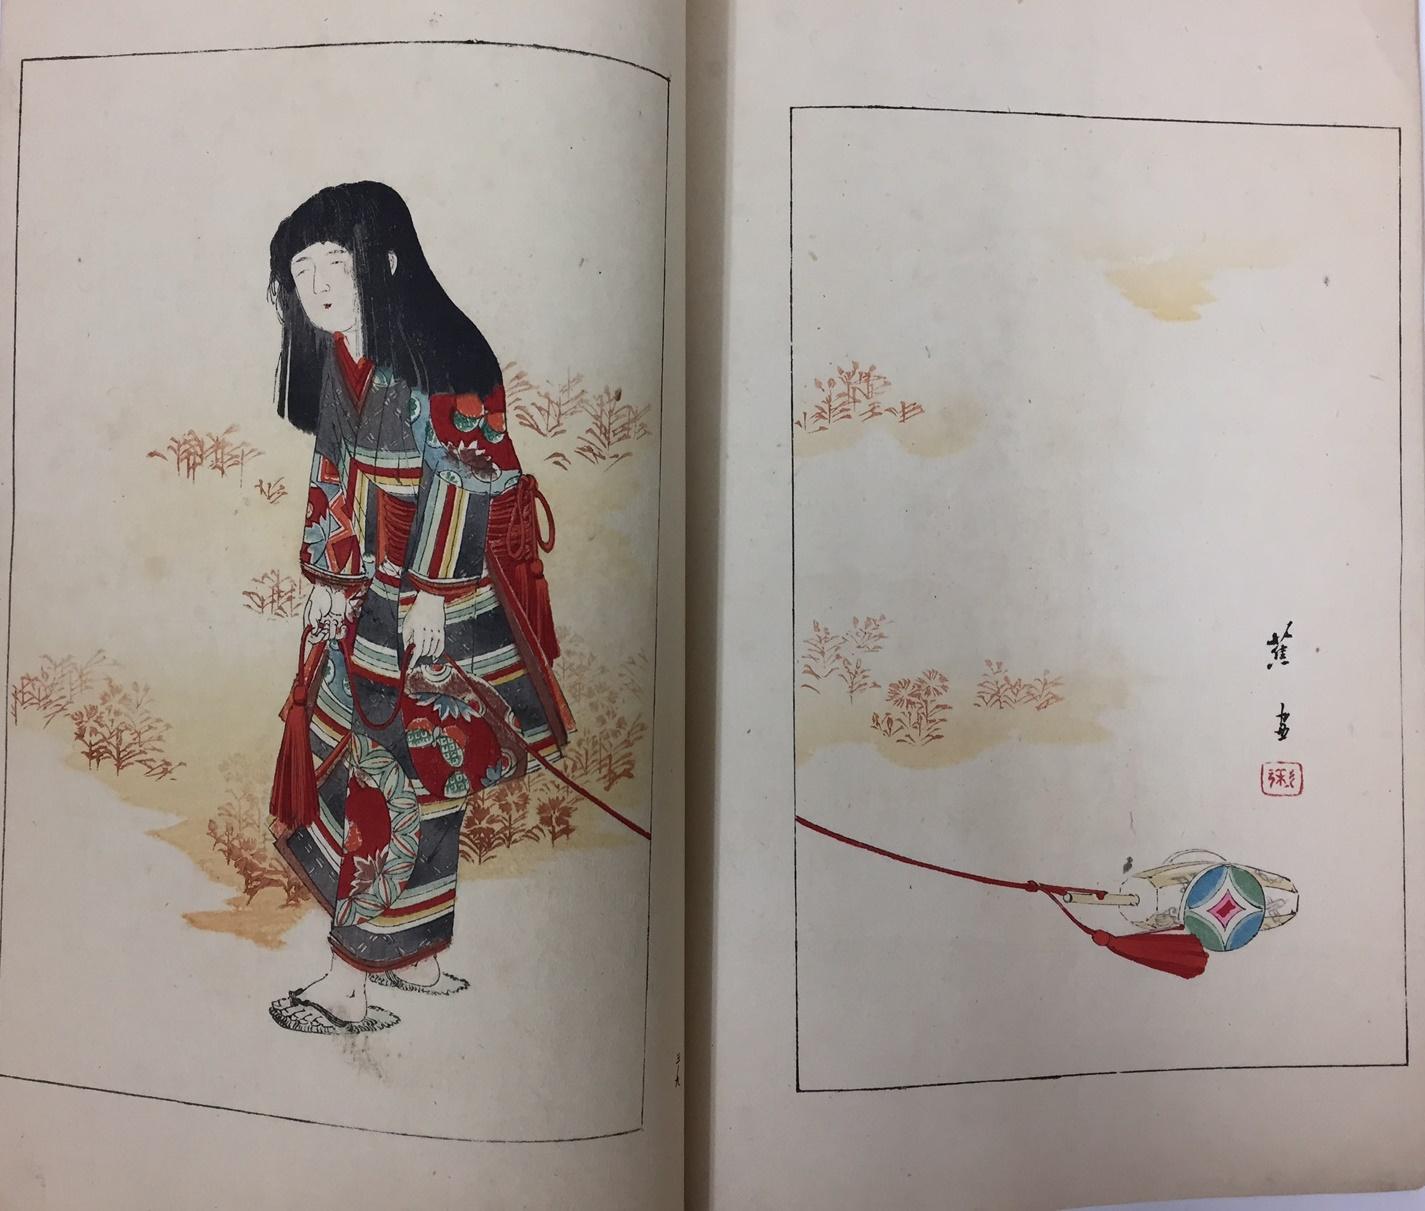 明治時代の版画雑誌『美術世界』の古本を出張買取いたしました   東京 ...